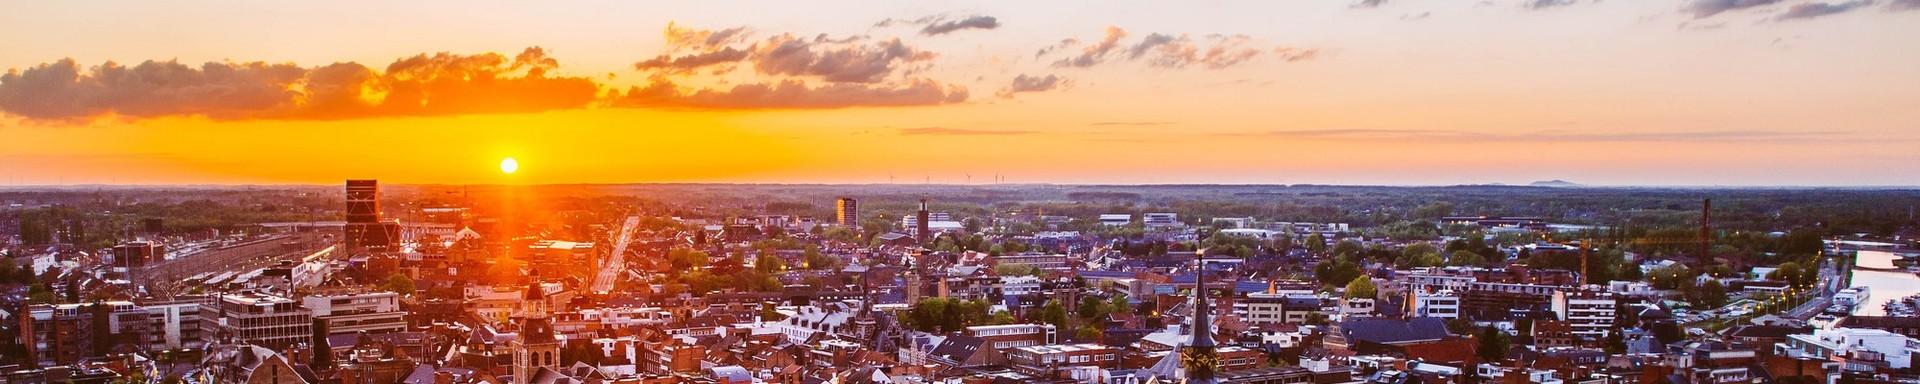 Esperienza Erasmus ad Hasselt, Belgio